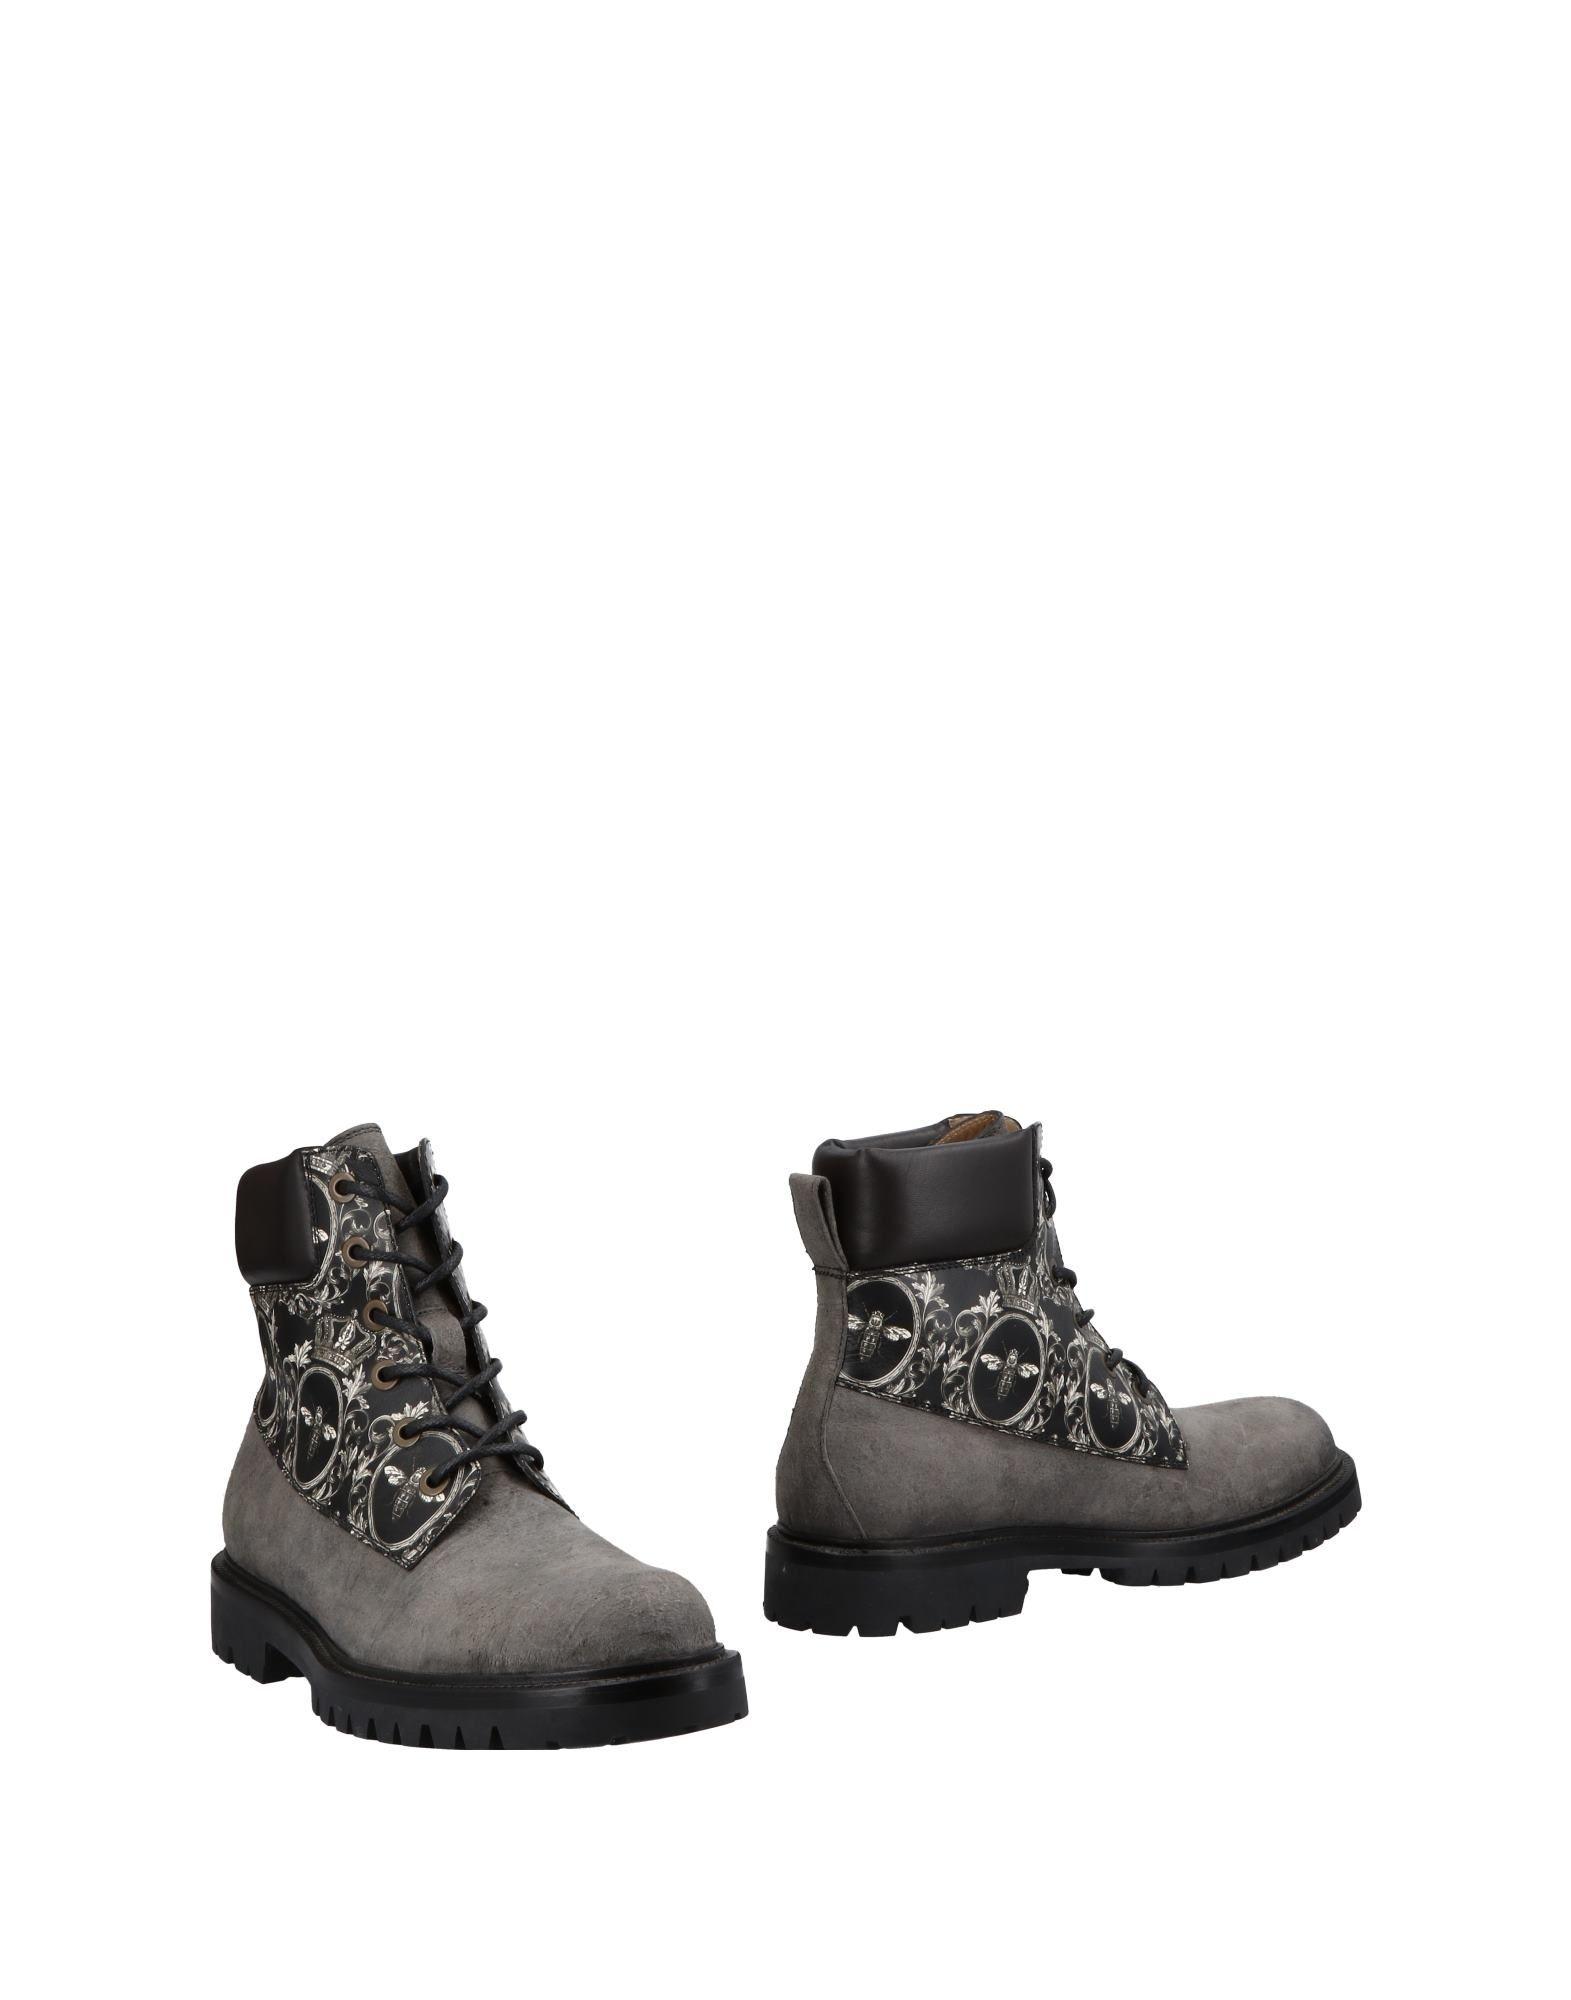 Dolce & Gabbana Stiefelette Herren  11489371EB Gute Qualität beliebte Schuhe